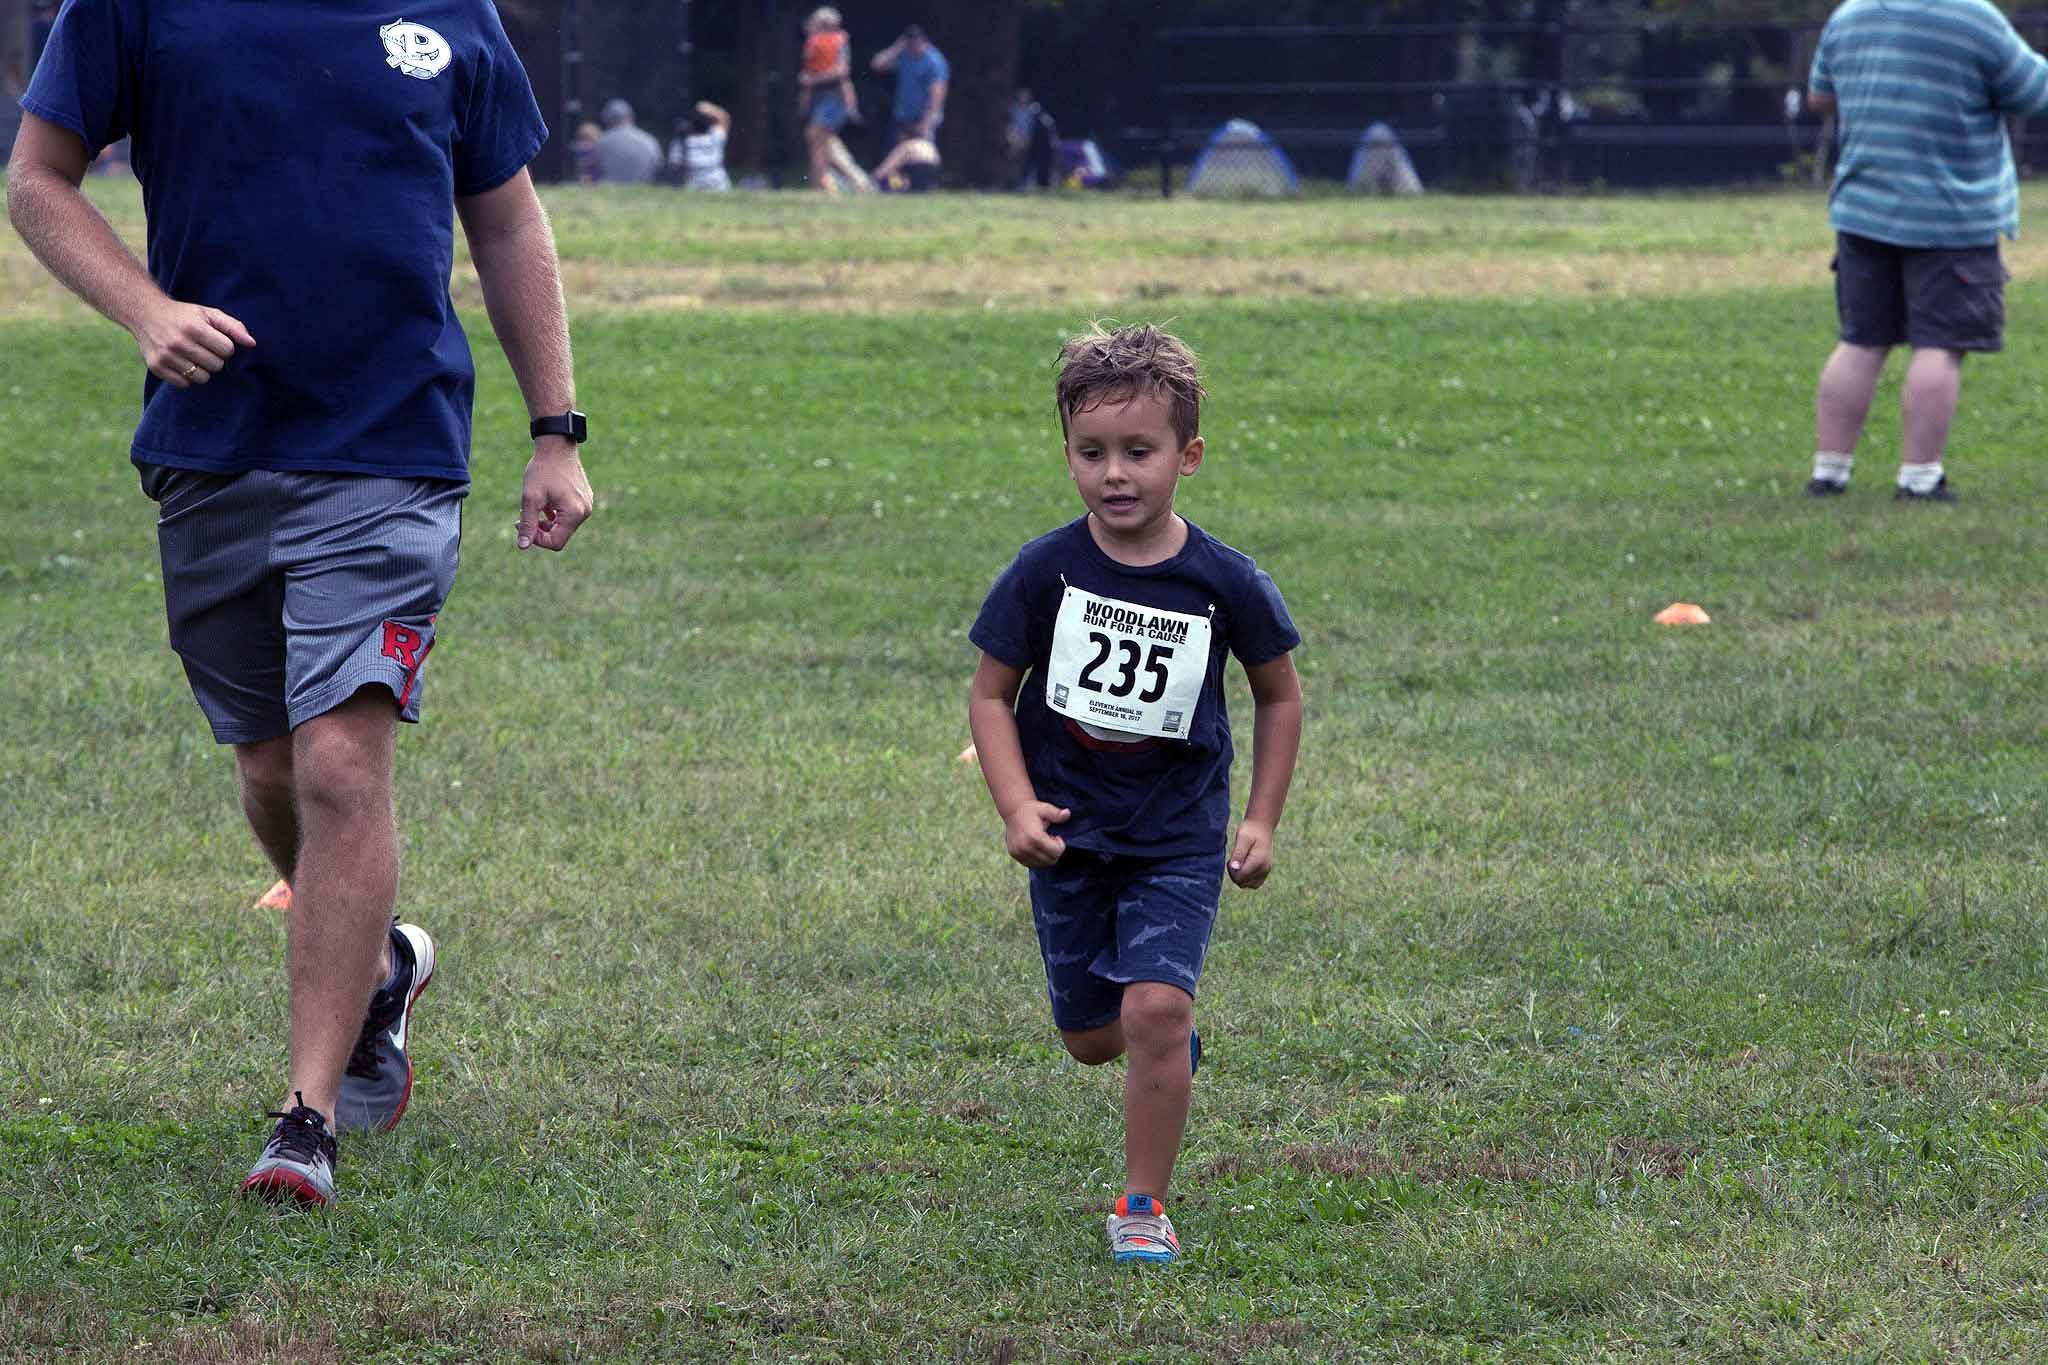 182-Woodlawn Run for a Cause-525.jpg